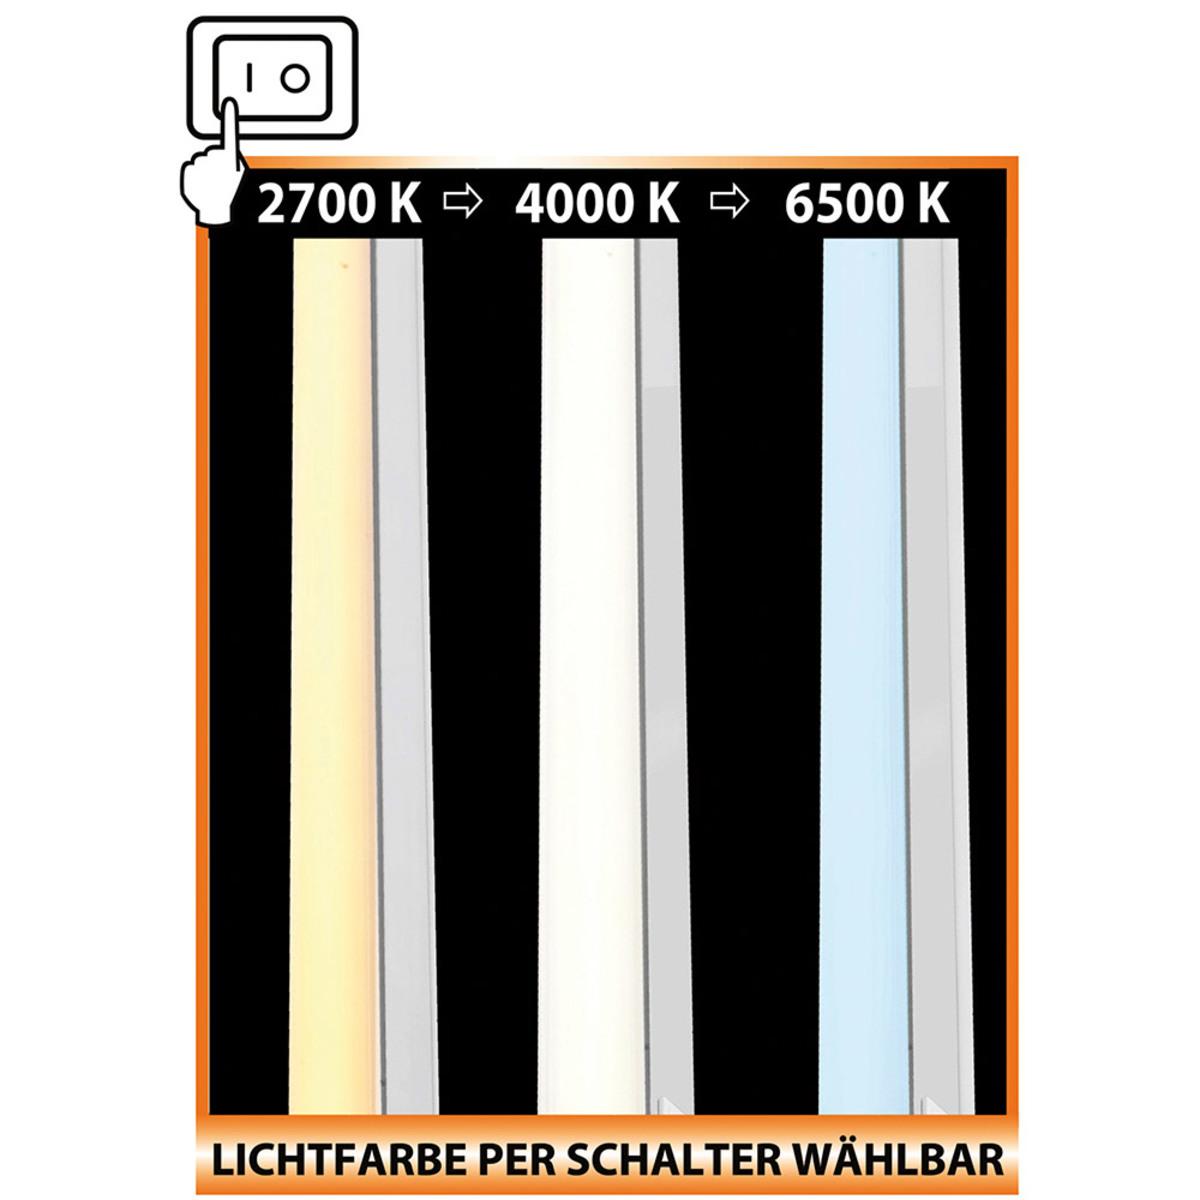 Bild 2 von Müller Licht LED-Unterbauleuchte mit Lichtfarbenwechsel und Drehkopf